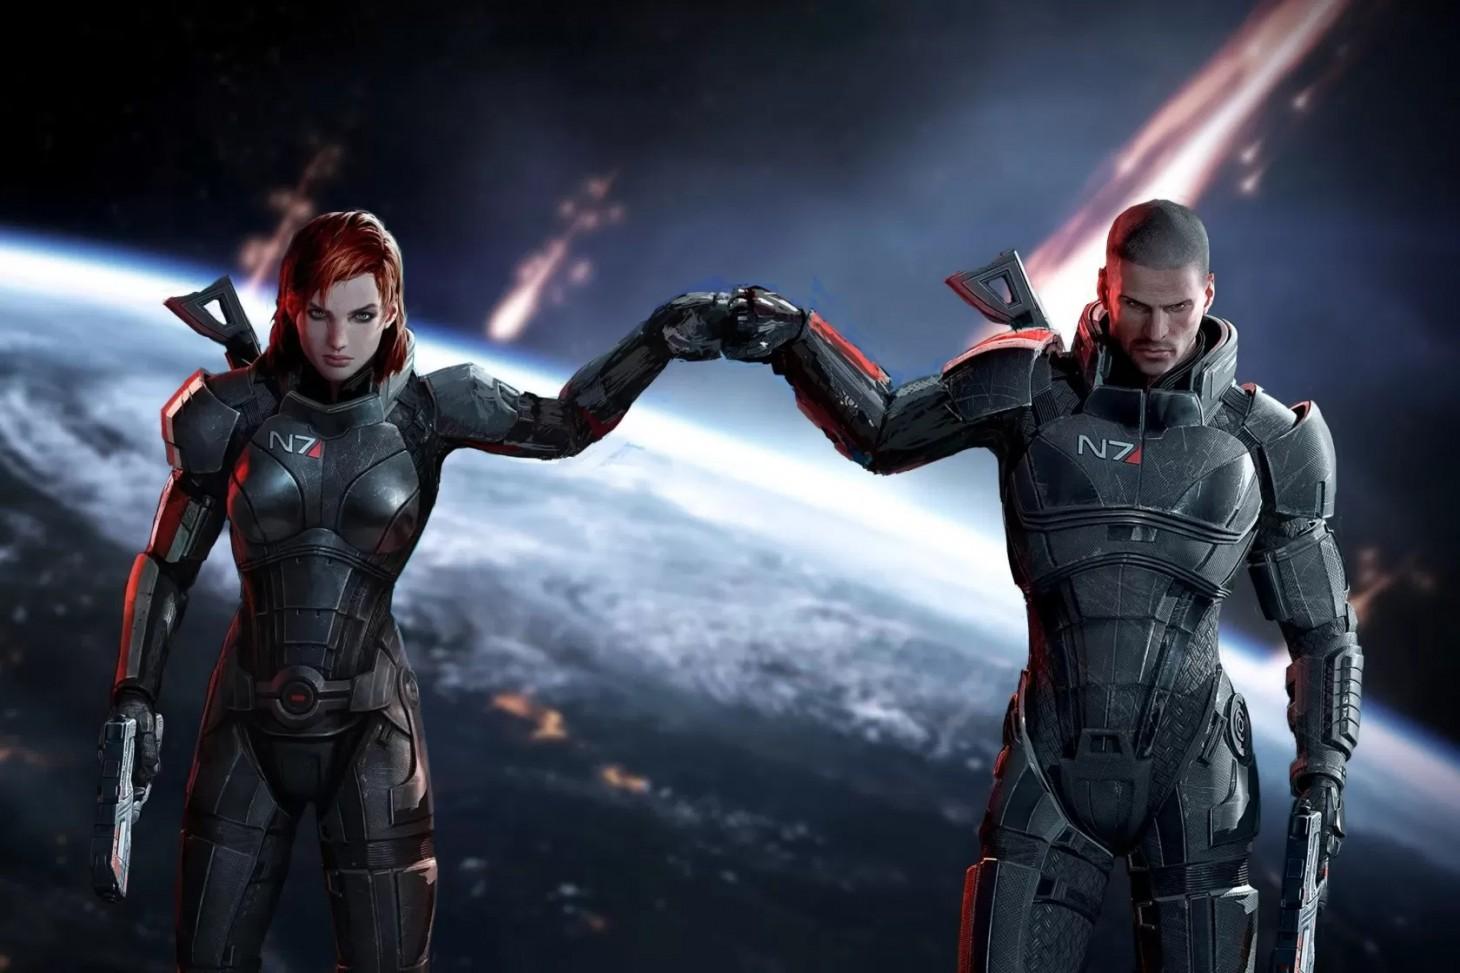 New Mass Effect Legendary Edition Screenshots Show Custom Shepard Improvements - Game Informer